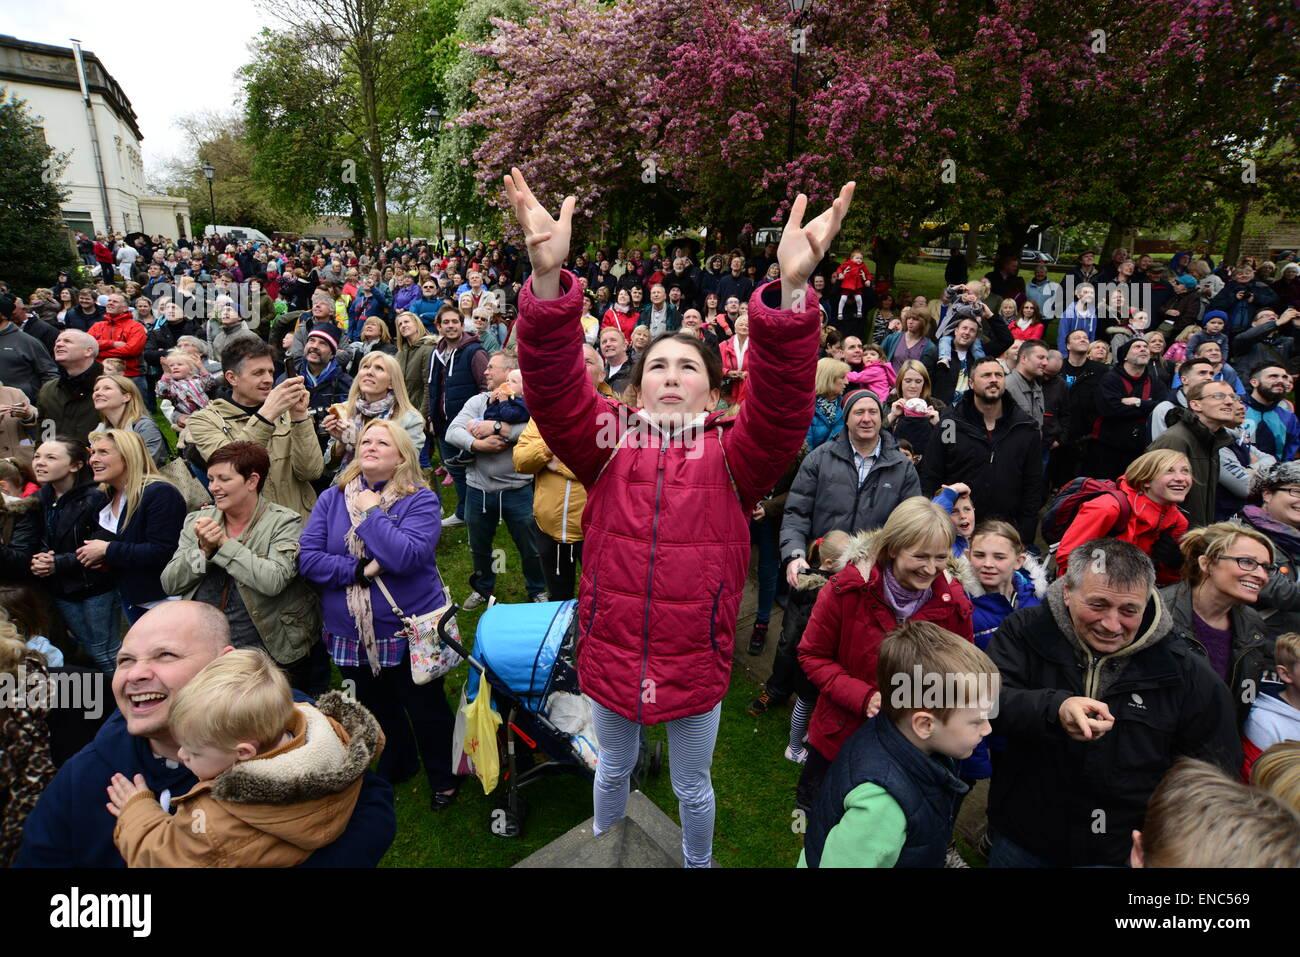 Rotherham, Reino Unido. El 2 de mayo de 2015. Una joven esperando coger un pedazo de pan que se tira desde la torre de la iglesia de Todos Los Santos Wath Parroquia cerca de Rotherham, South Yorkshire. Cien bollo de pan son arrojados a la espera de multitudes abajo como parte del Festival Wath anual. Foto: Scott Bairstow/Alamy Foto de stock